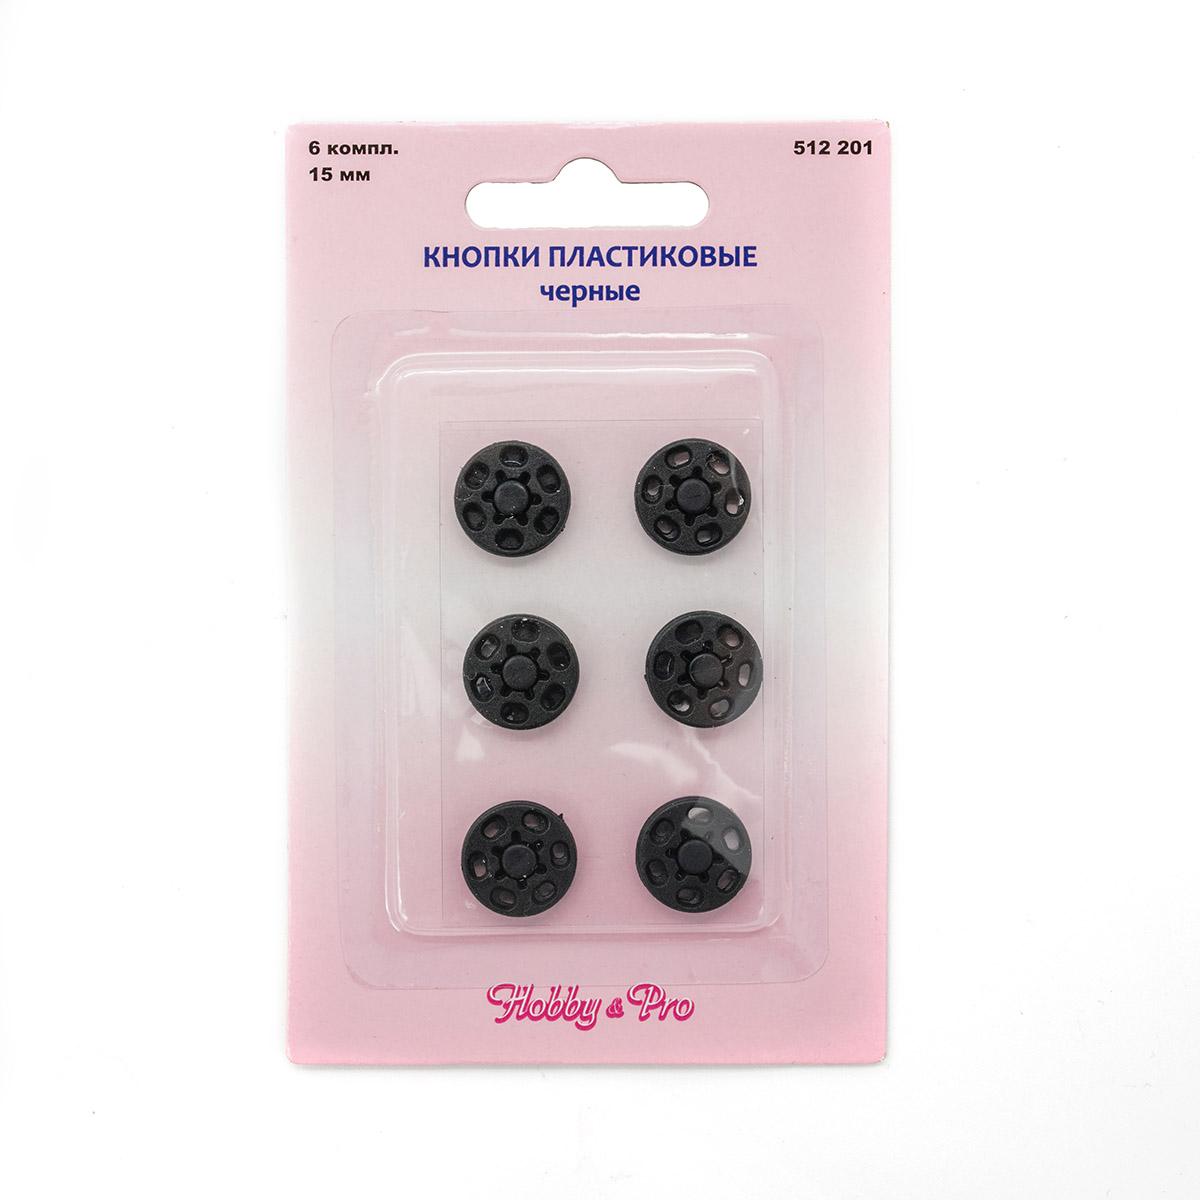 Кнопки пластиковые, черные, 6 компл. 15мм 512201, Hobby&Pro